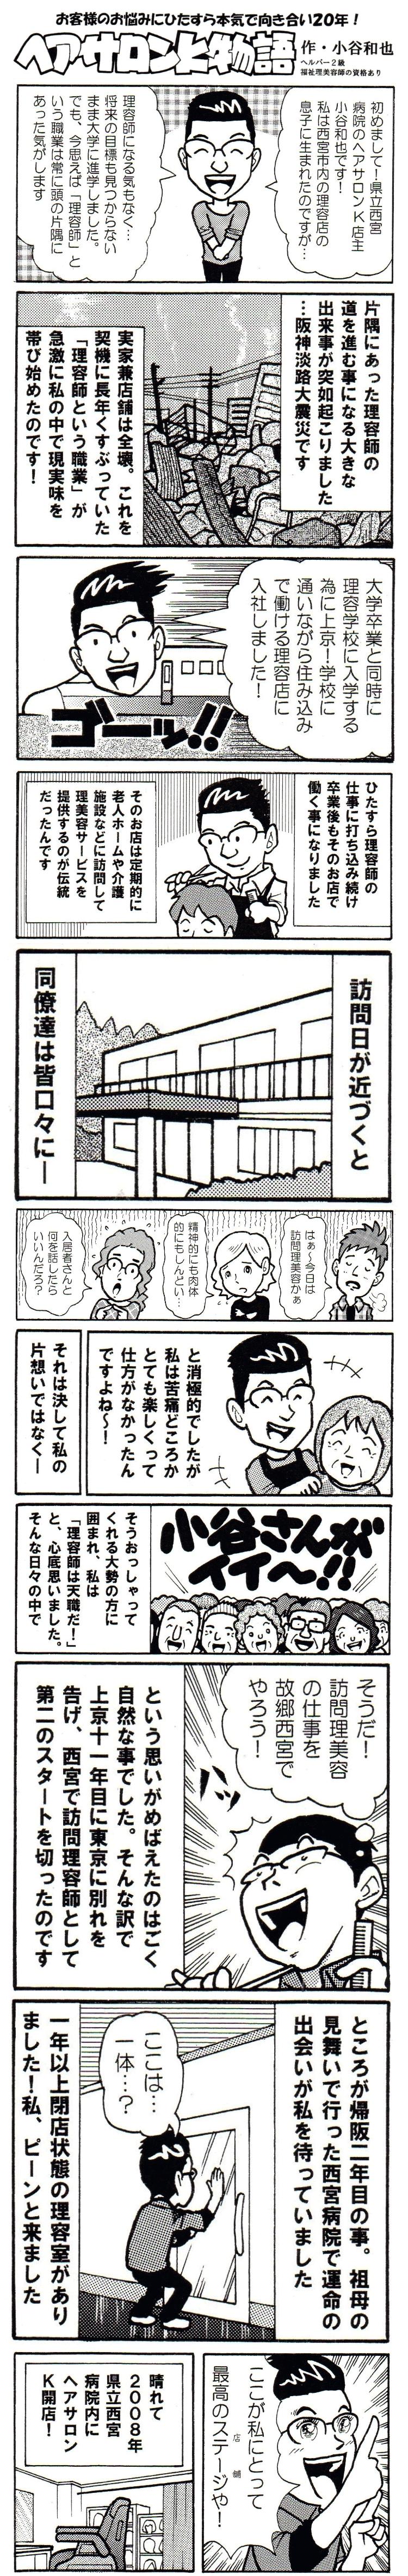 ヘアーサロンk物語漫画